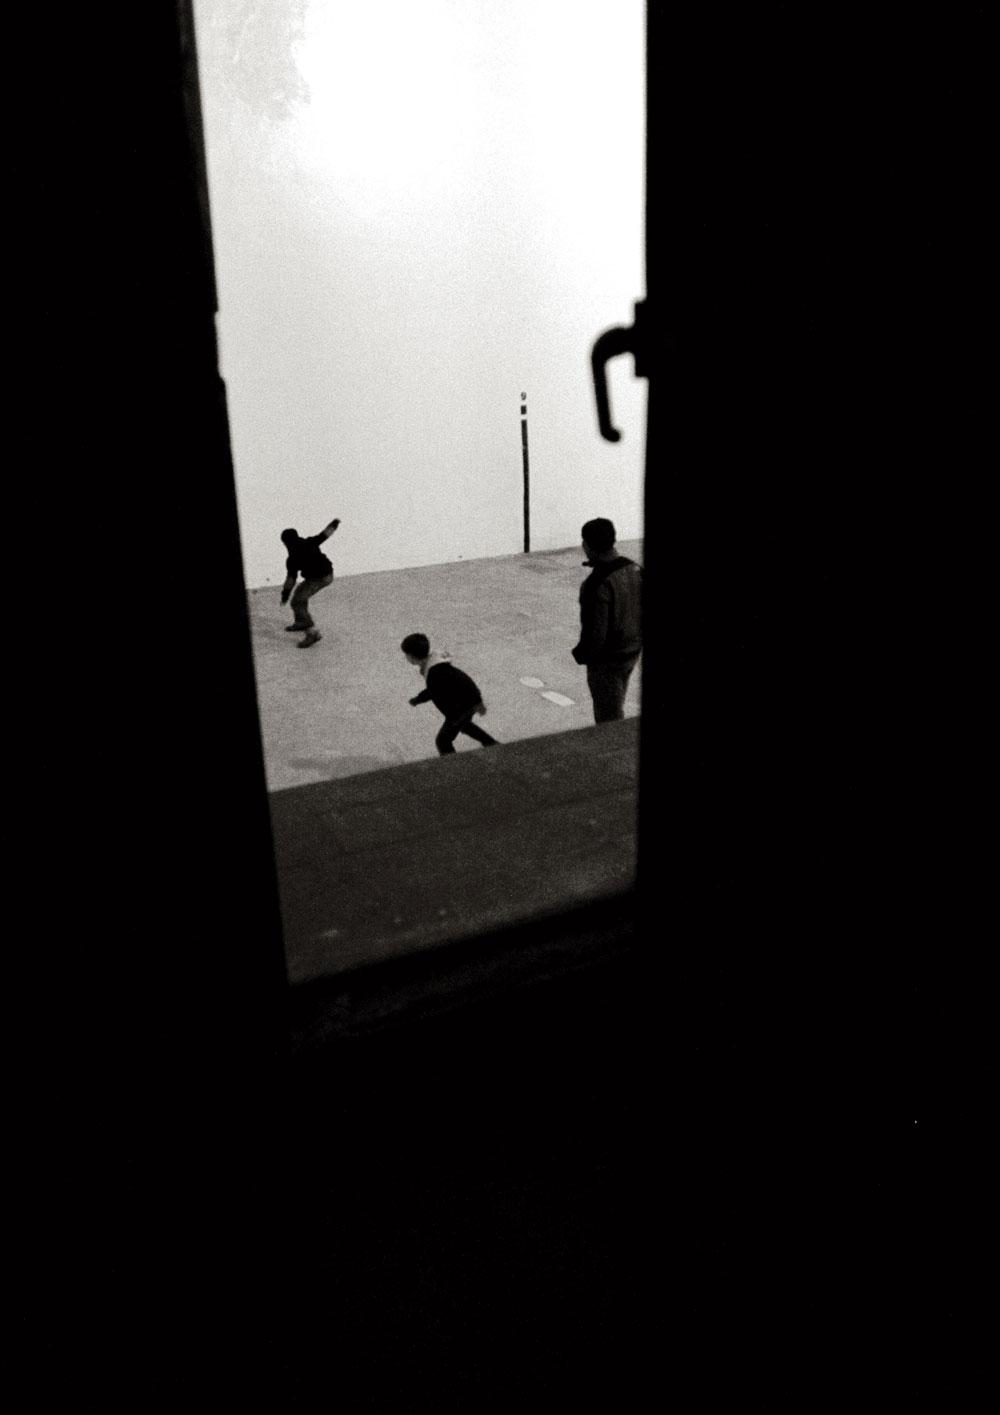 Niños jugando a pelota en el trinquete de Pelayo. Diciembre de 2012.